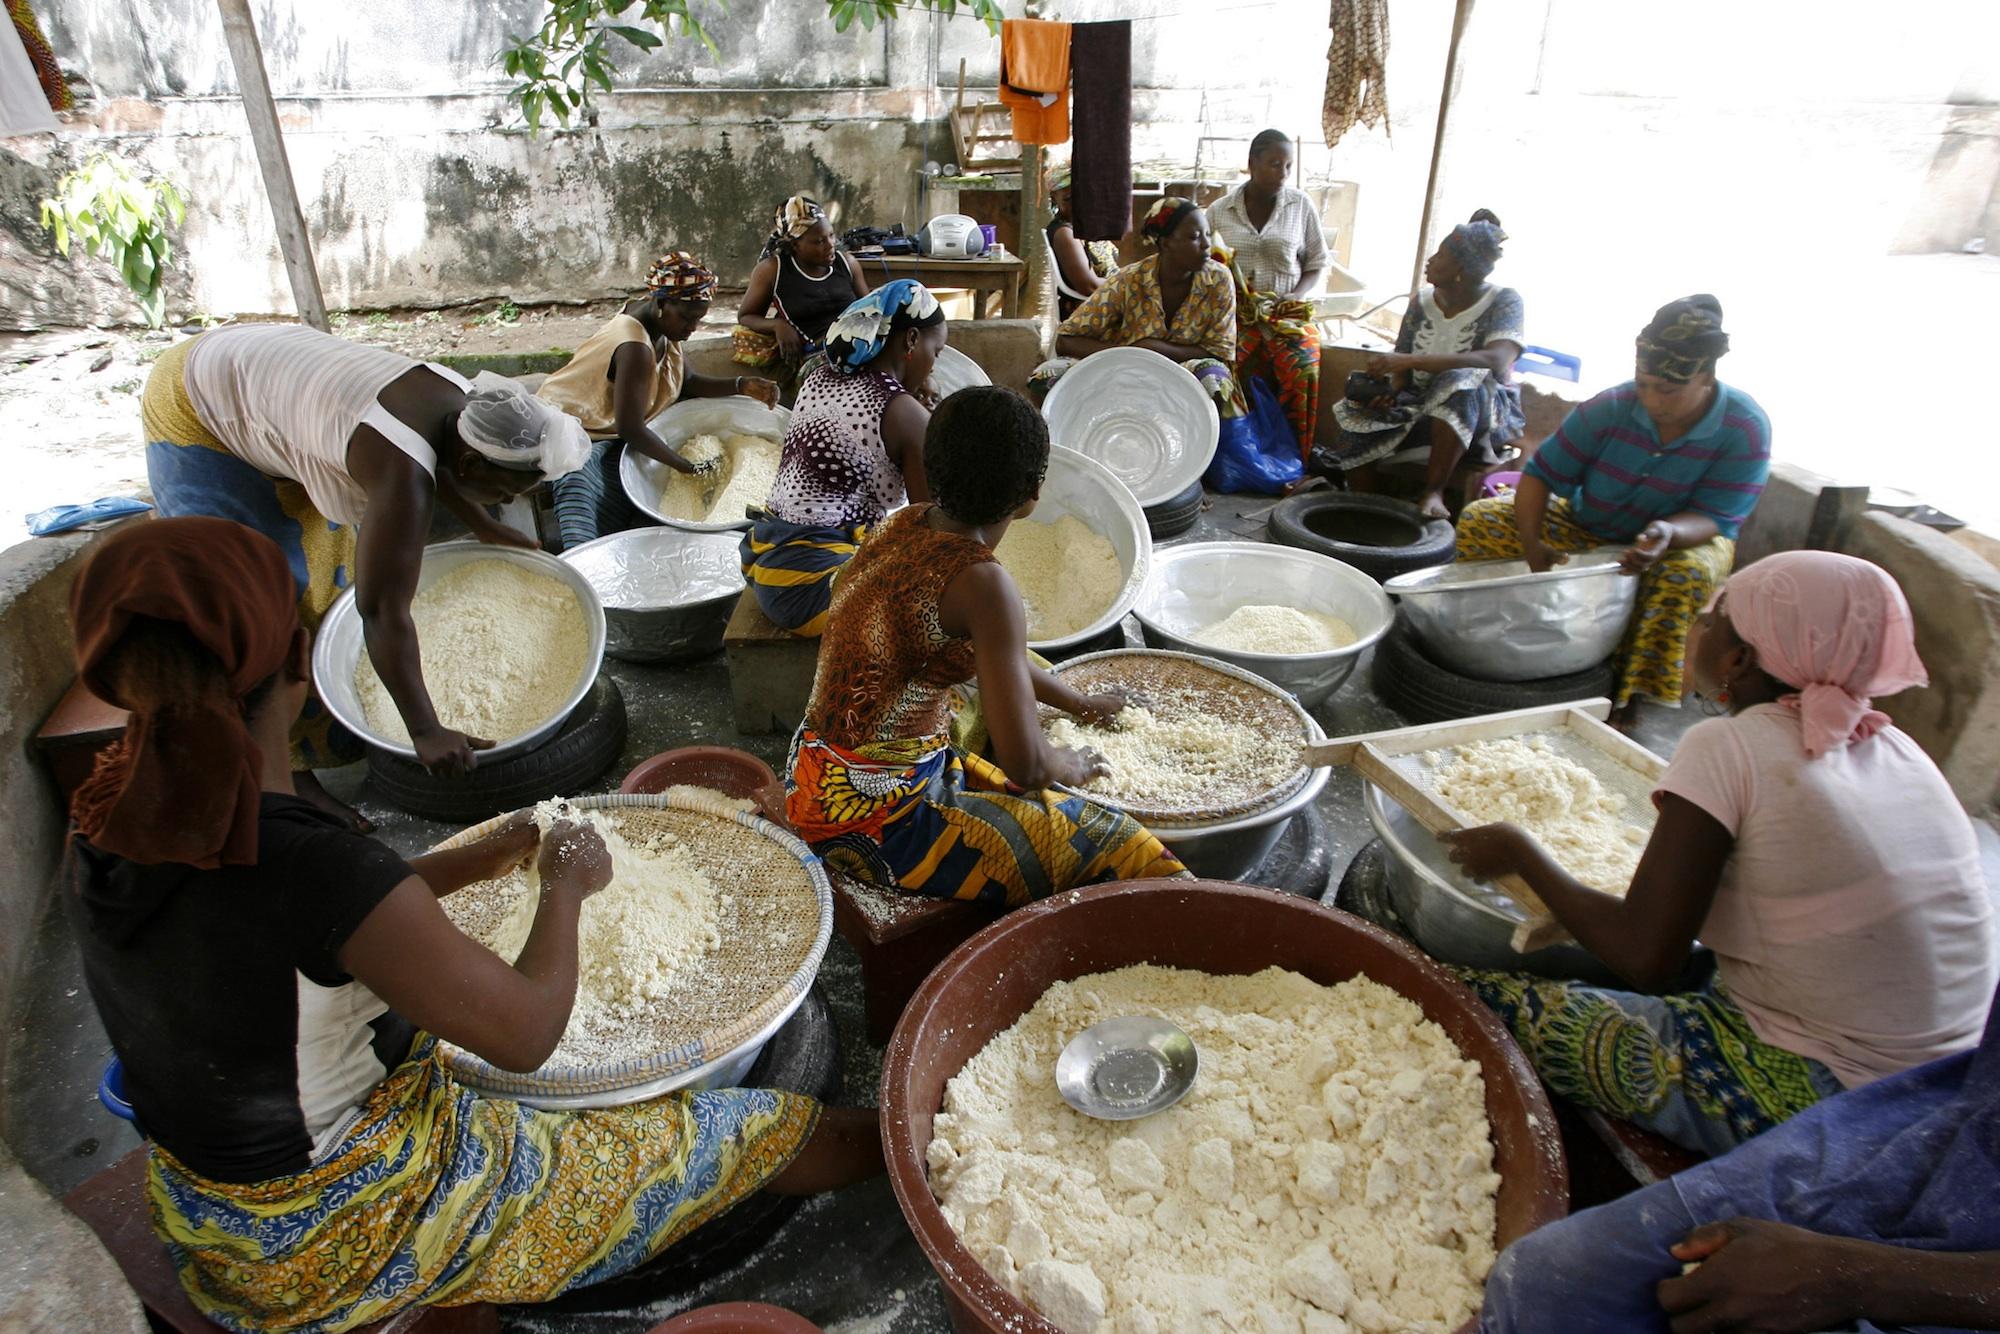 Attieke is Ivory Coast Côte d'Ivoire's national dish